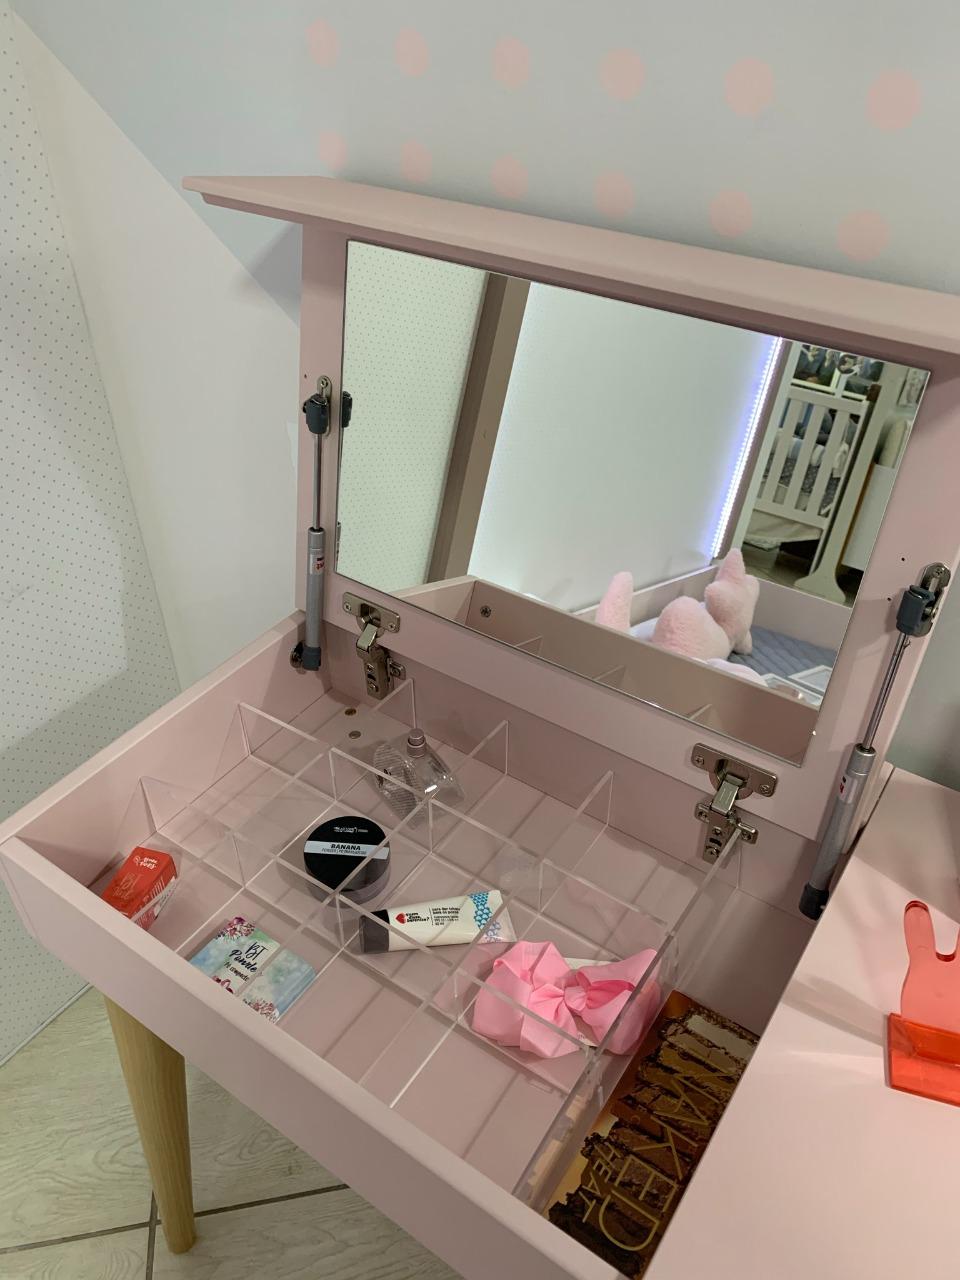 Penteadeira com 2 Gavetas e Porta Objetos com Espelho (Personalize as cores e o lado que deseja colocar o porta objetos).